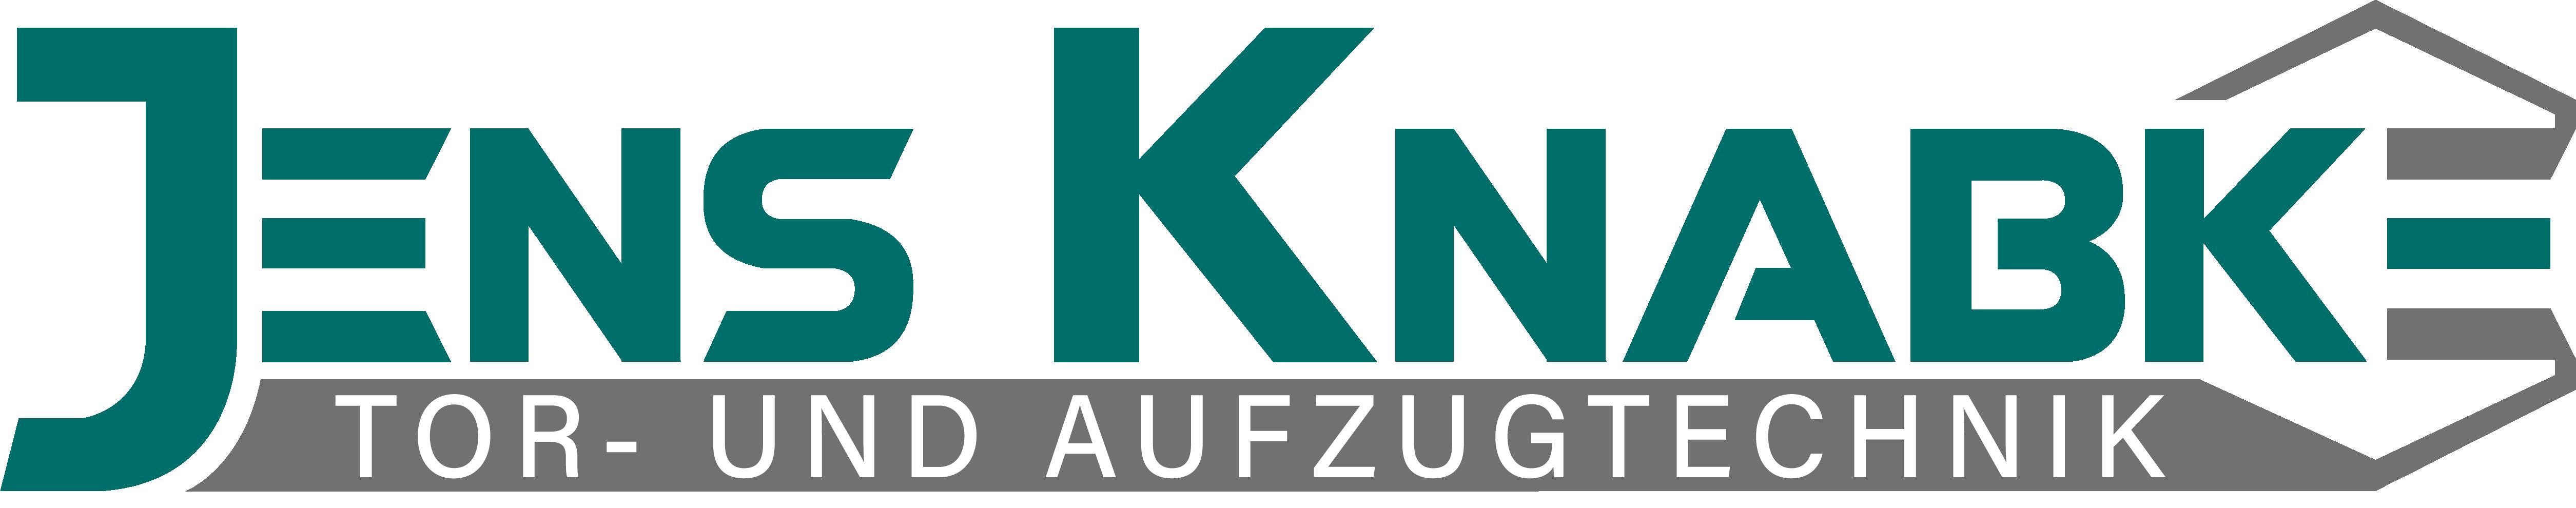 Jens Knabke Logo